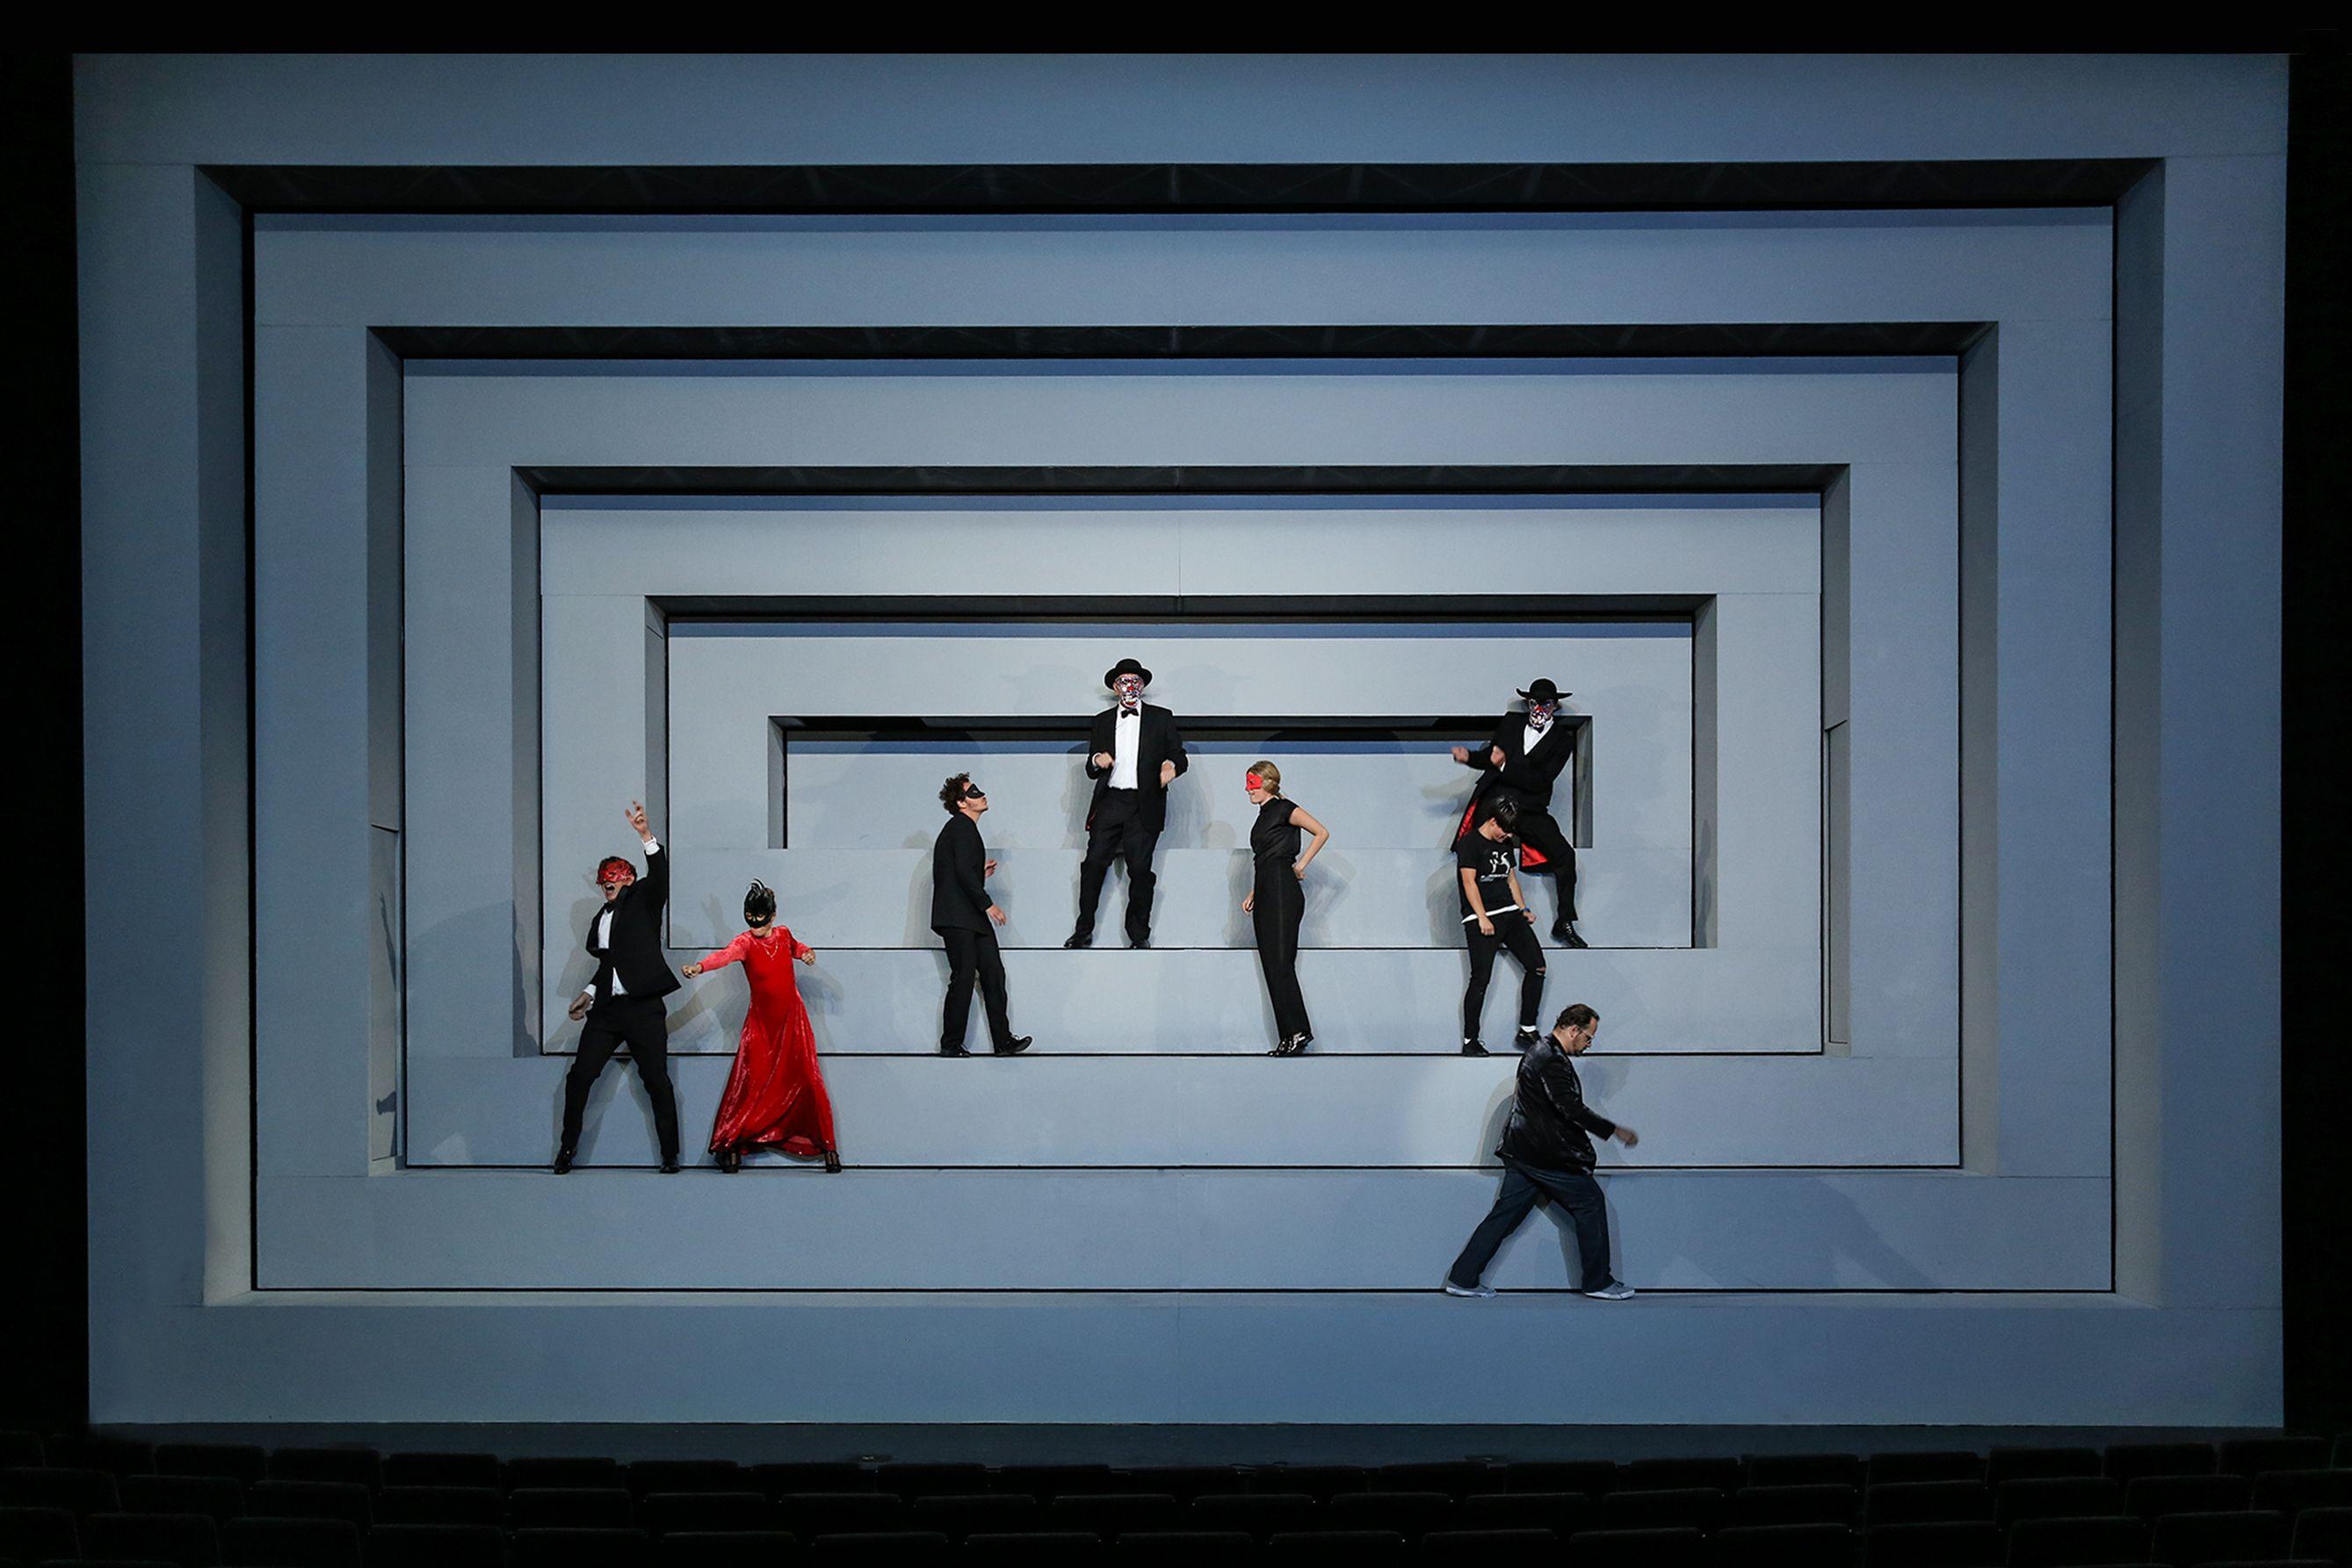 Stagedesign for Bertolt Brechts LEBEN DES GALILEI a play for Staatstheater Saarbrücken, Germany by Sebastian Hannak